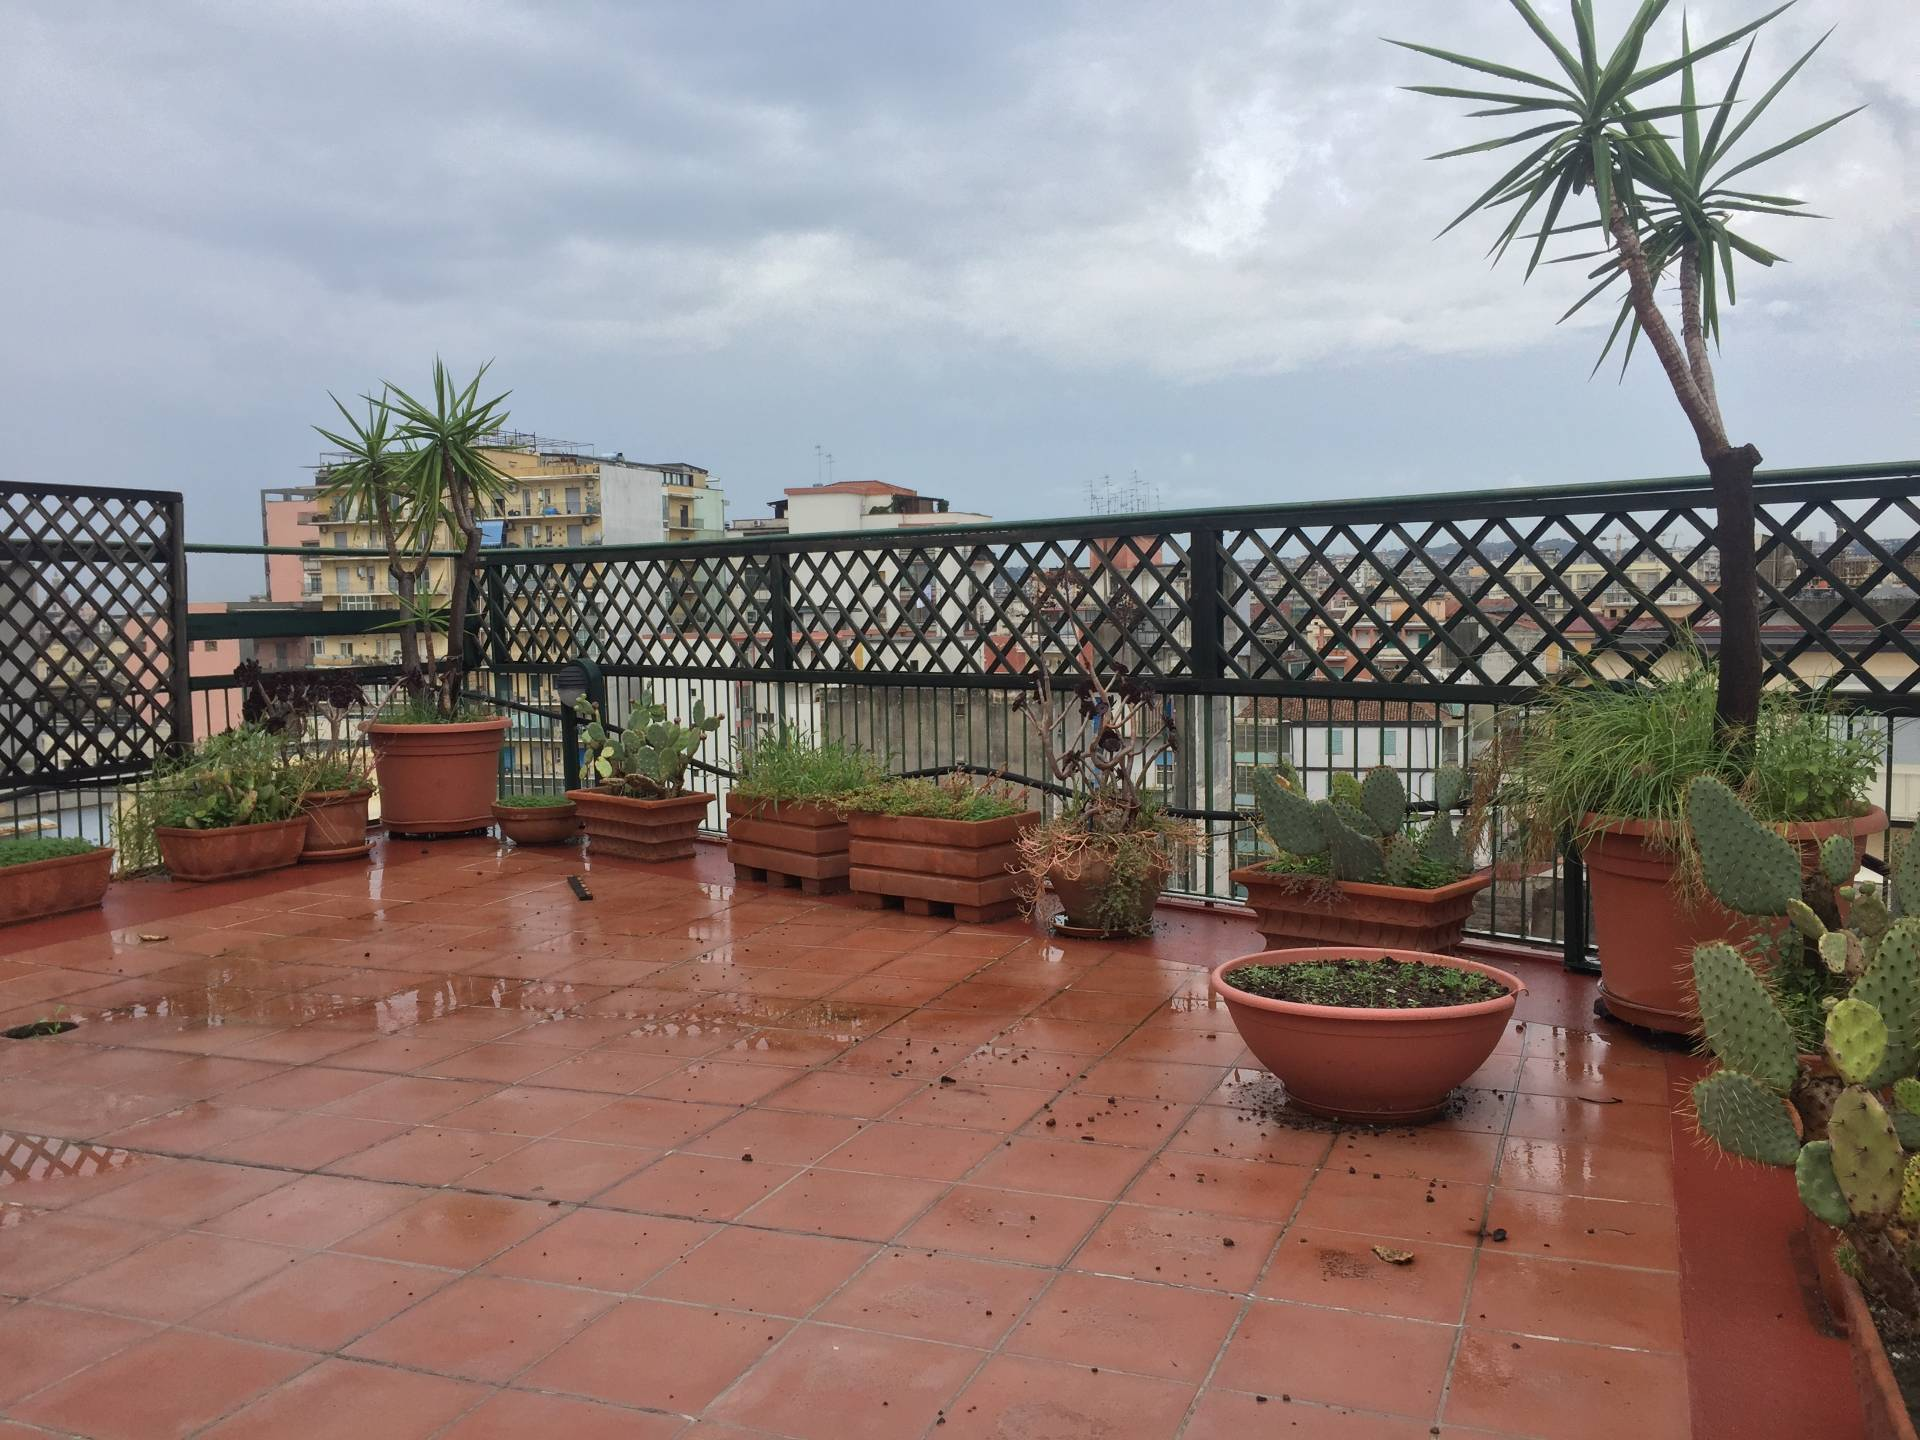 Attico / Mansarda in vendita a Catania, 2 locali, zona Località: C.sodelleprovince, prezzo € 90.000 | CambioCasa.it